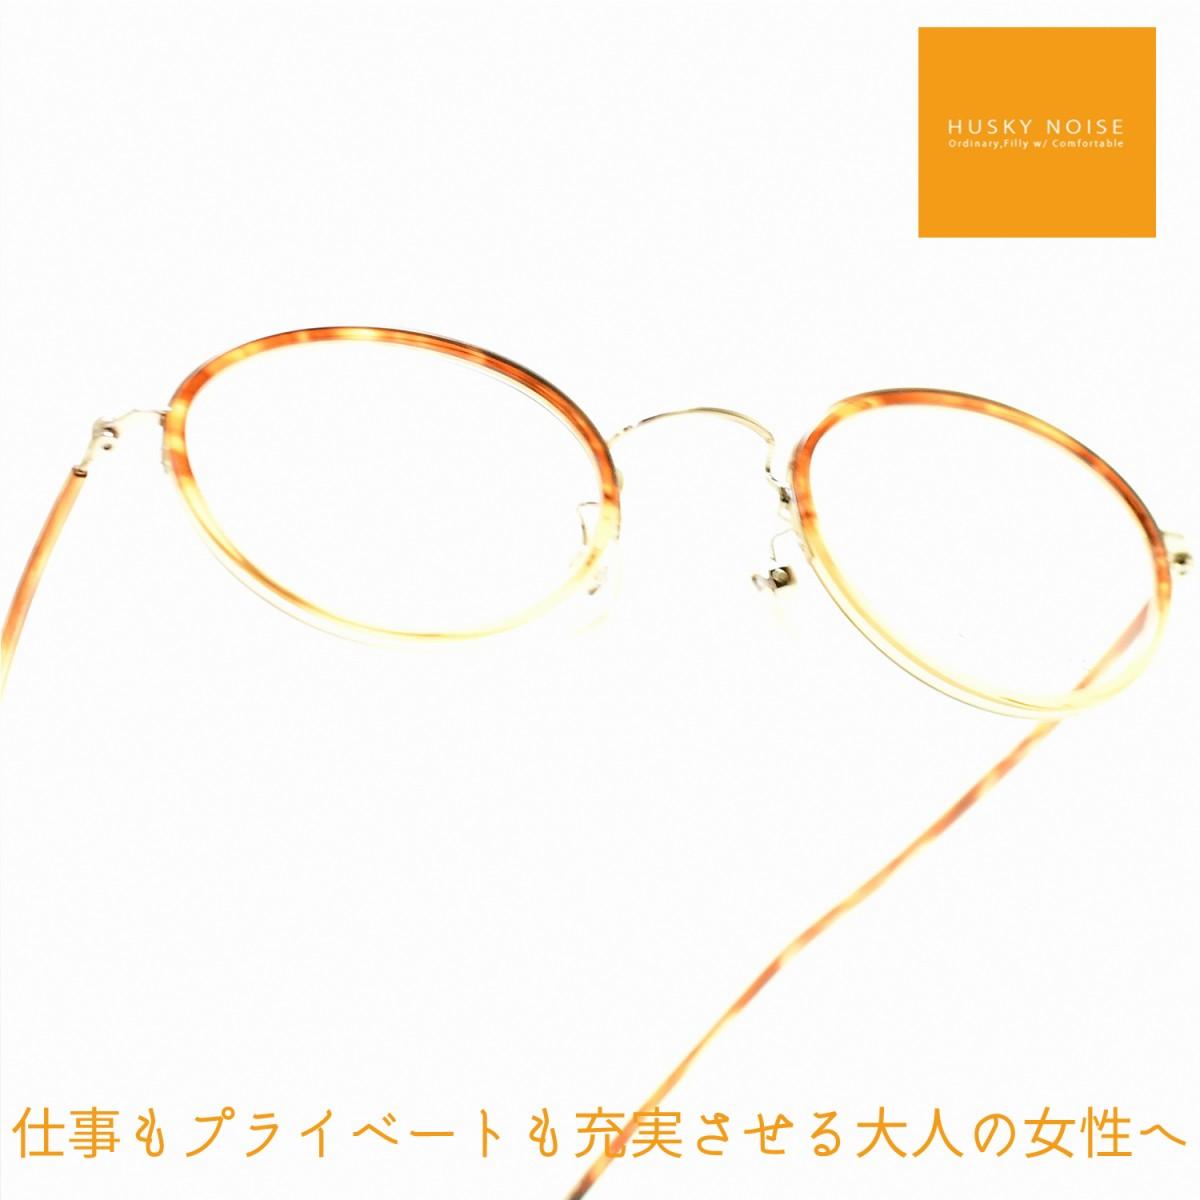 HUSKY NOISE ハスキーノイズH-179 col-4メガネ 眼鏡 めがね メンズ レディース おしゃれ ブランド 人気 おすすめ フレーム 流行り 度付き レンズ